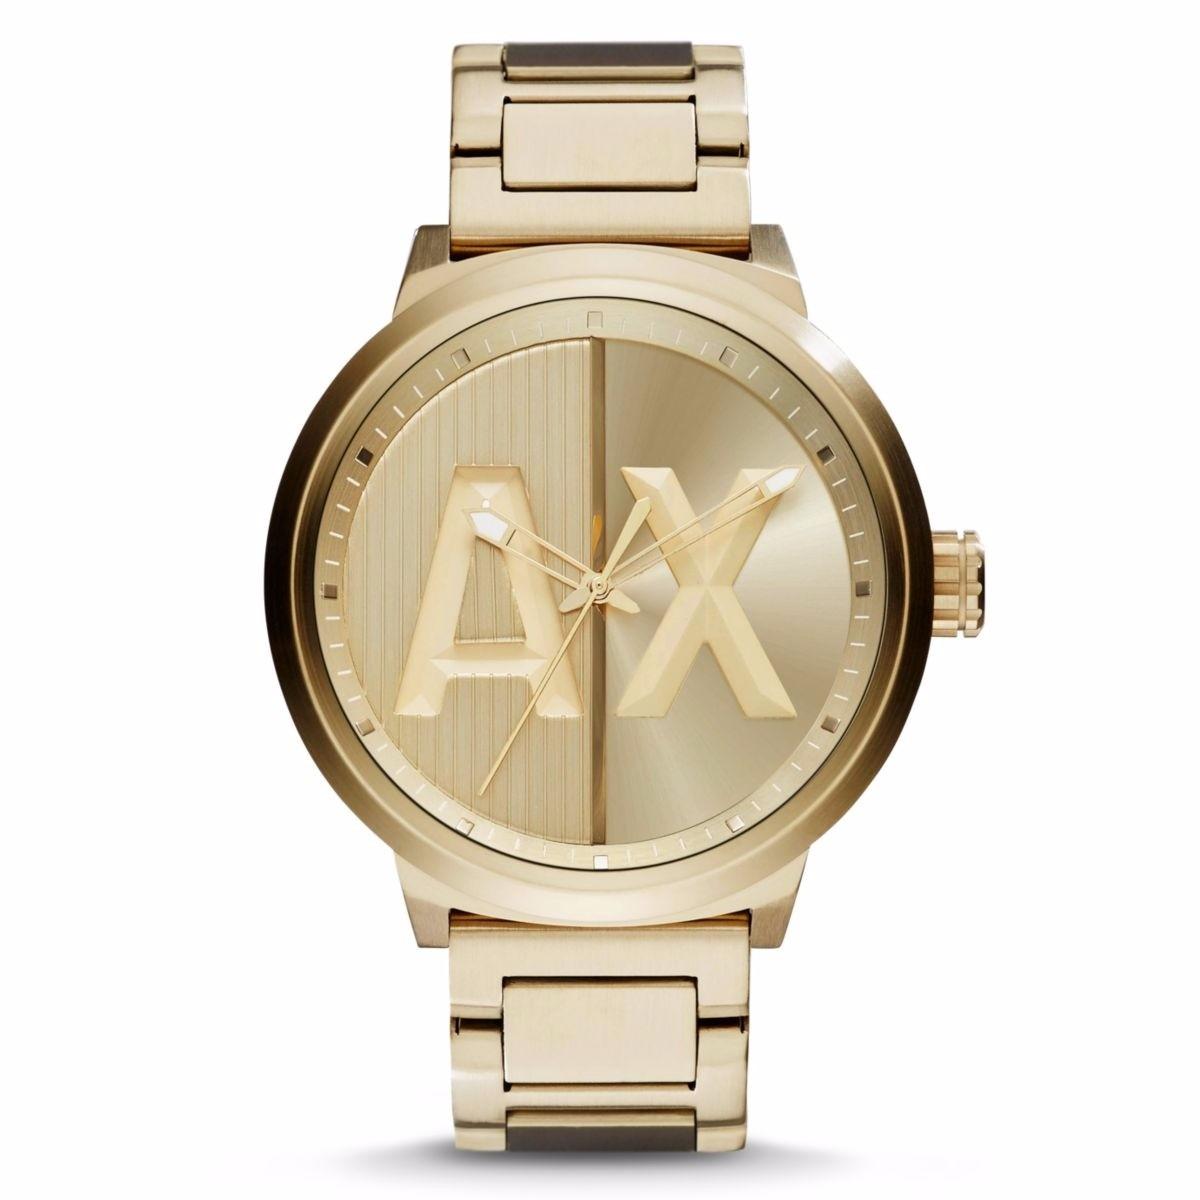 9109e90439b7 reloj armani exchange dorado precio